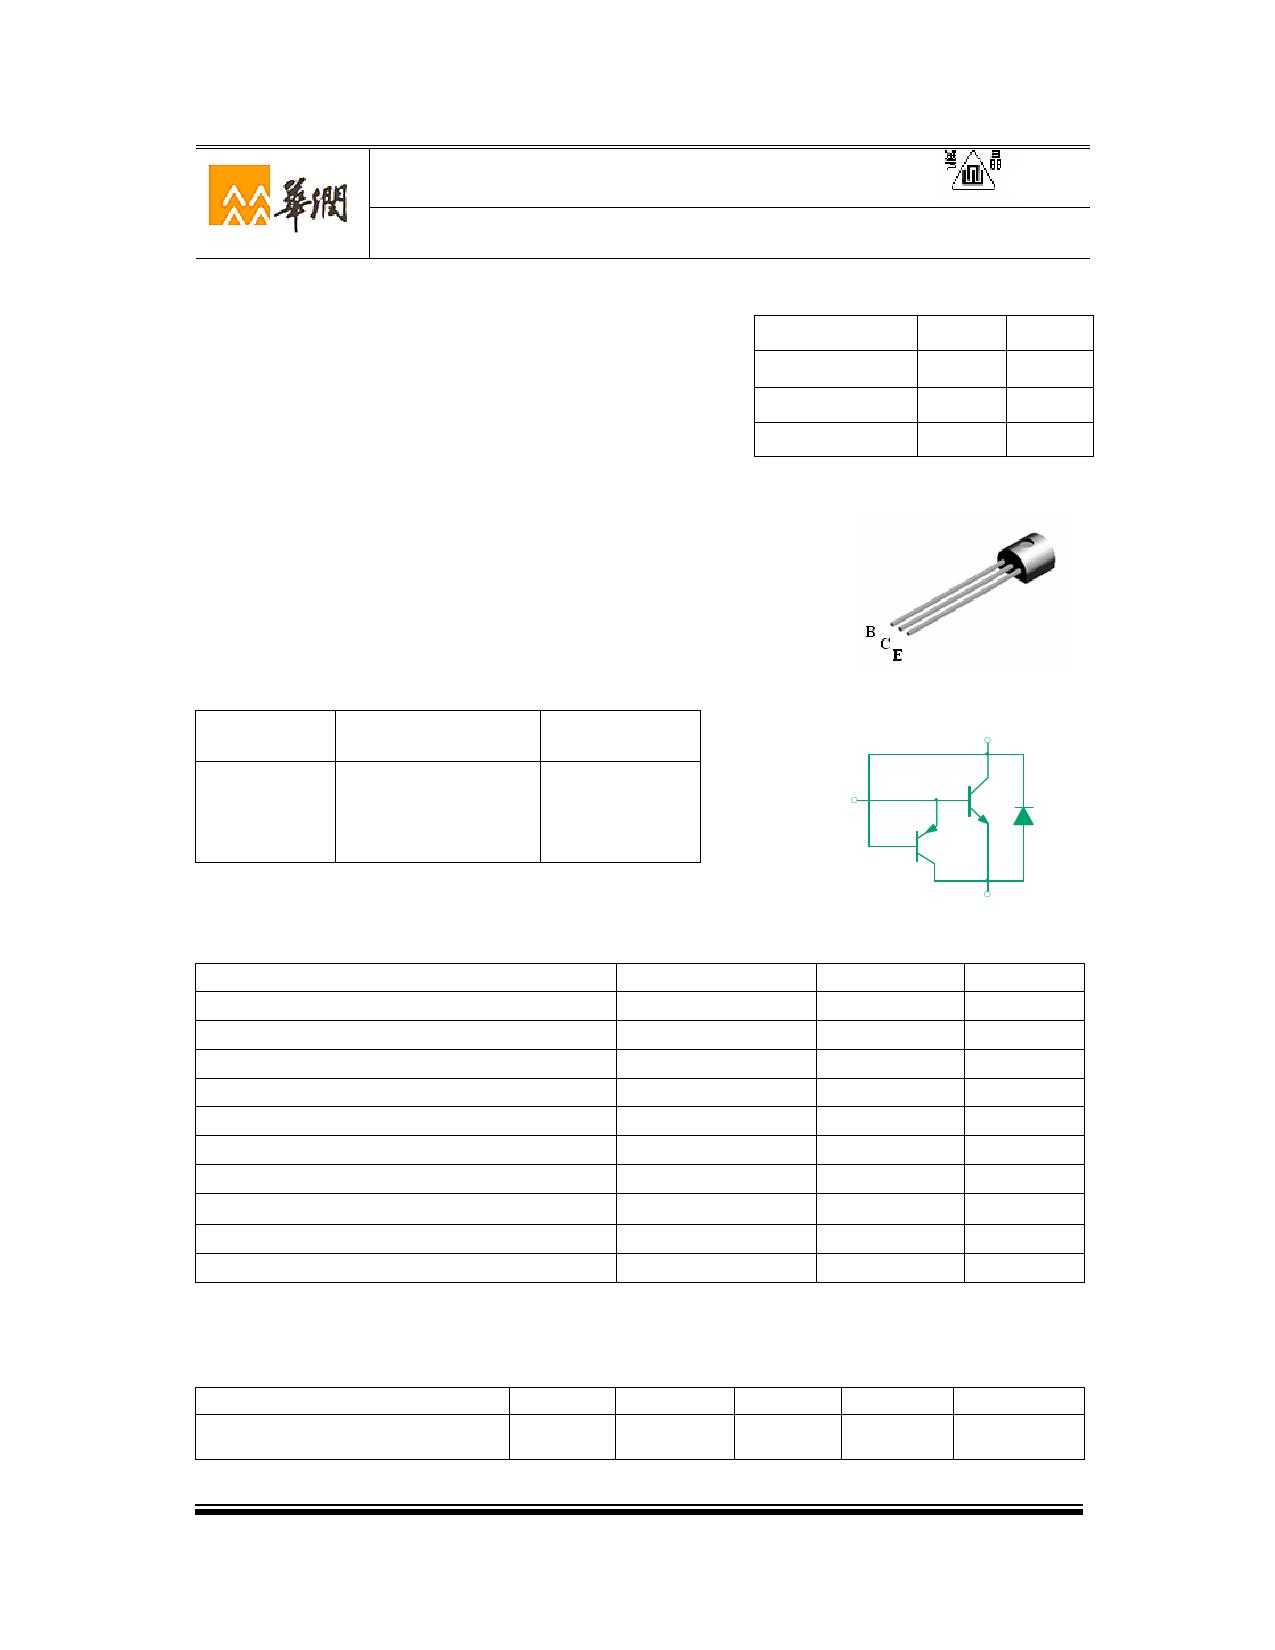 3DD4513A1D Datasheet, 3DD4513A1D PDF,ピン配置, 機能